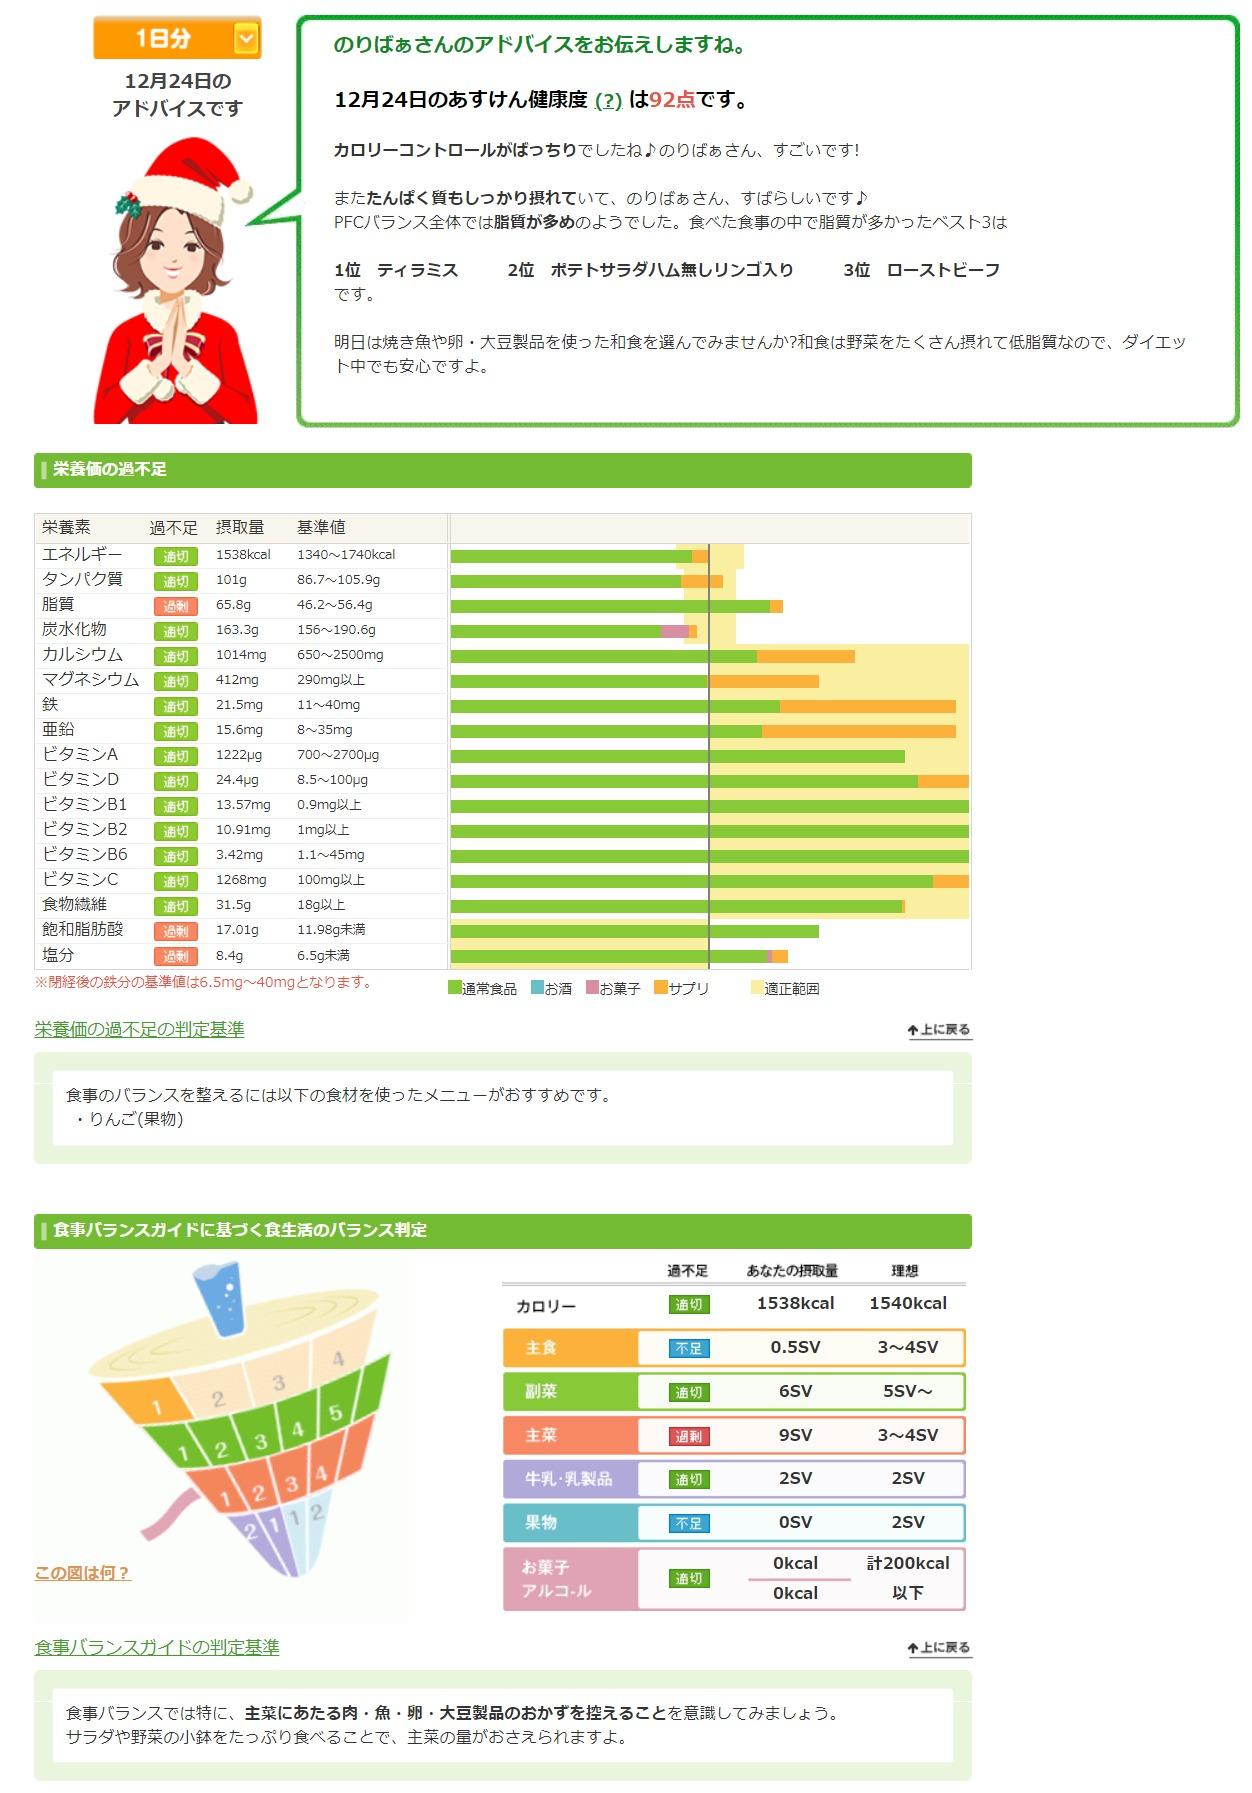 あすけんアドバイス_201224